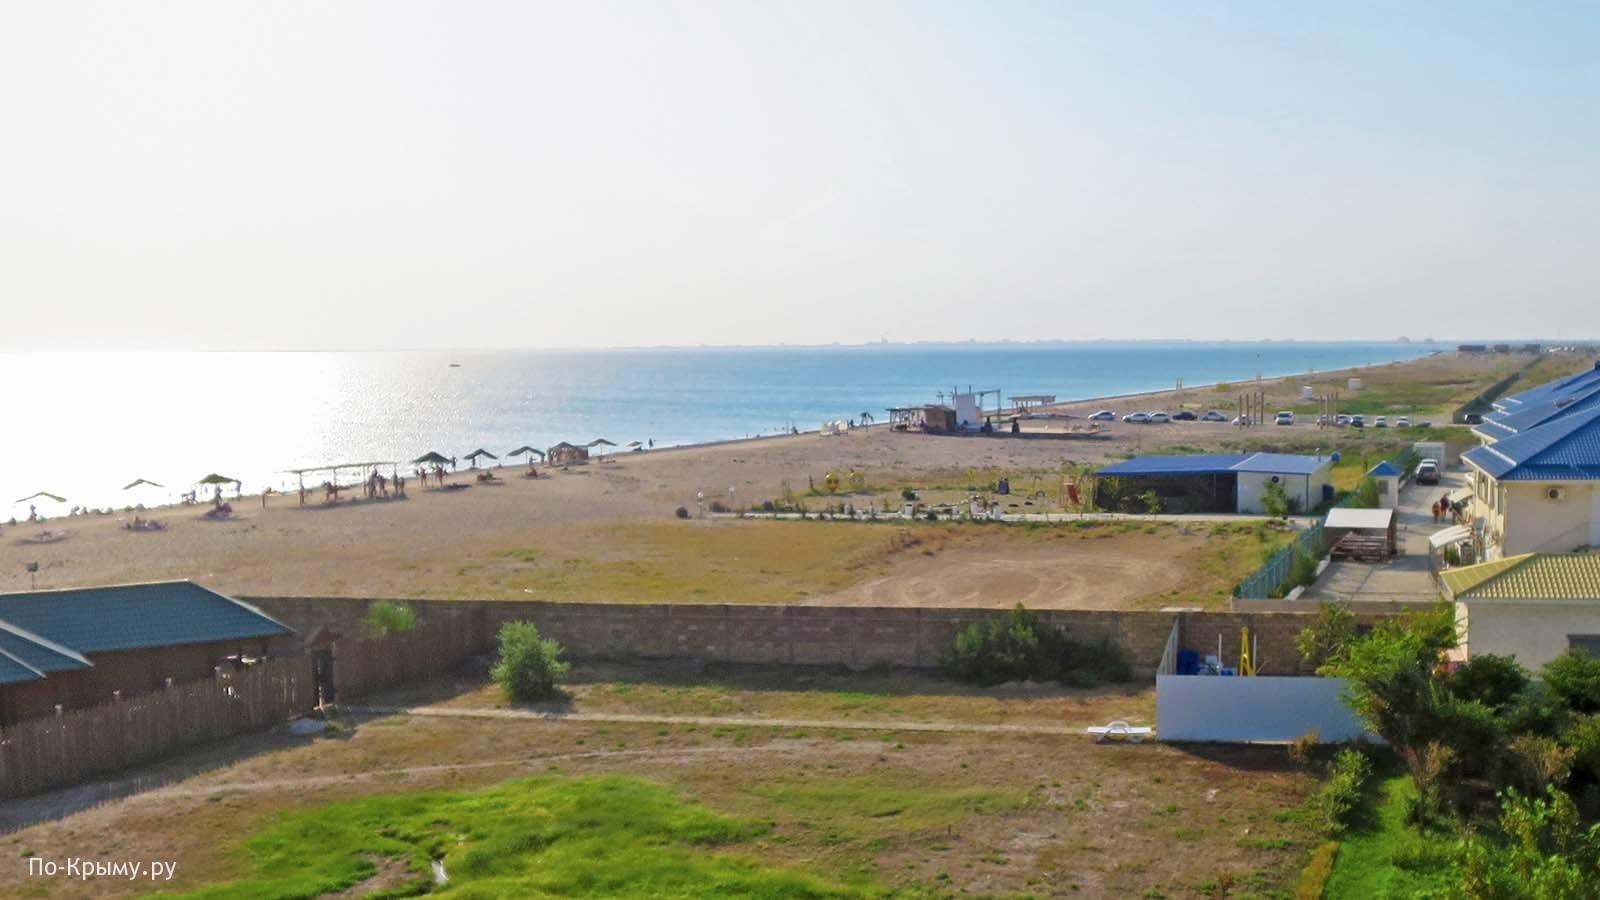 Пляж Виктория, аквапарк Медуза, Евпатория